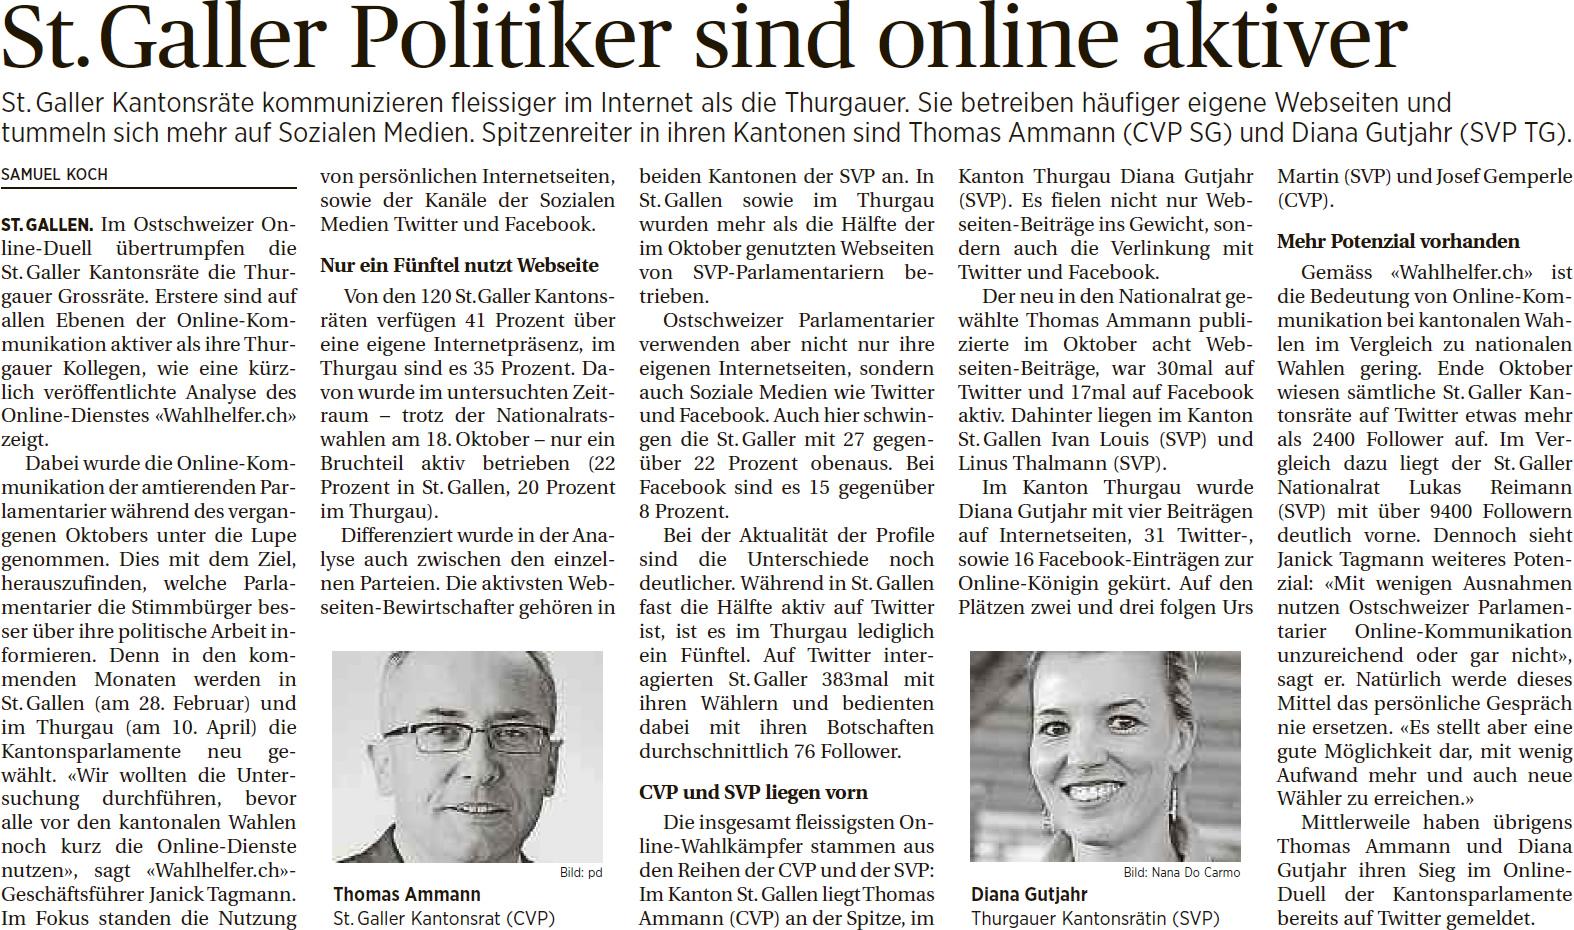 St. Galler Politiker sind online aktiver (Donnerstag, 14.01.2016)